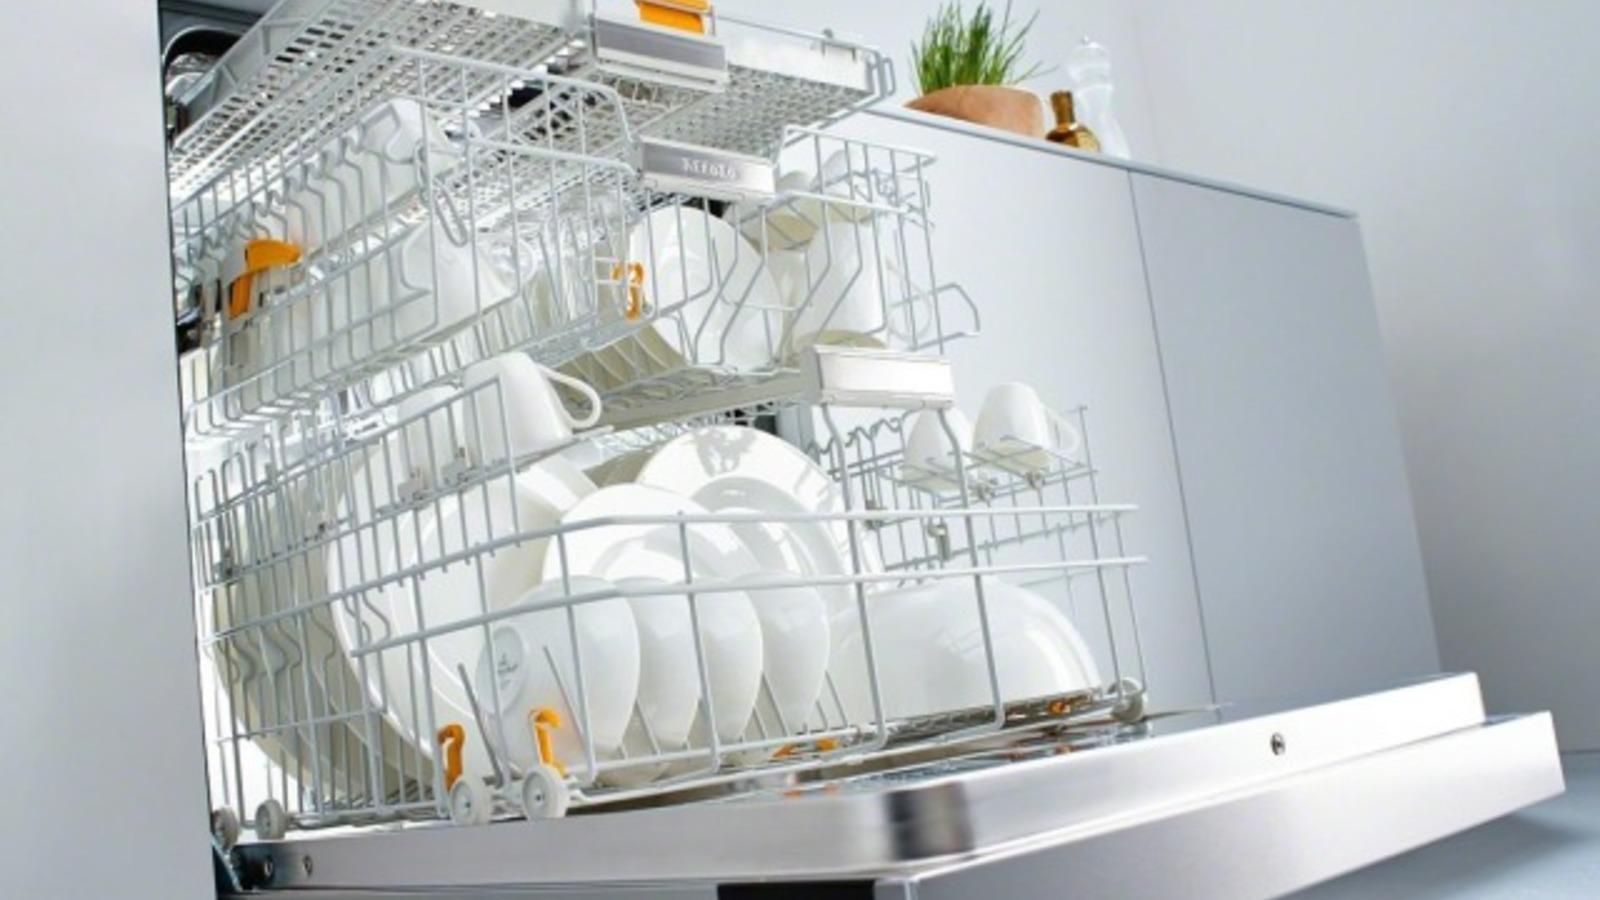 Перед началом эксплуатации посудомоечной машины нужно запустить пробный цикл мойки